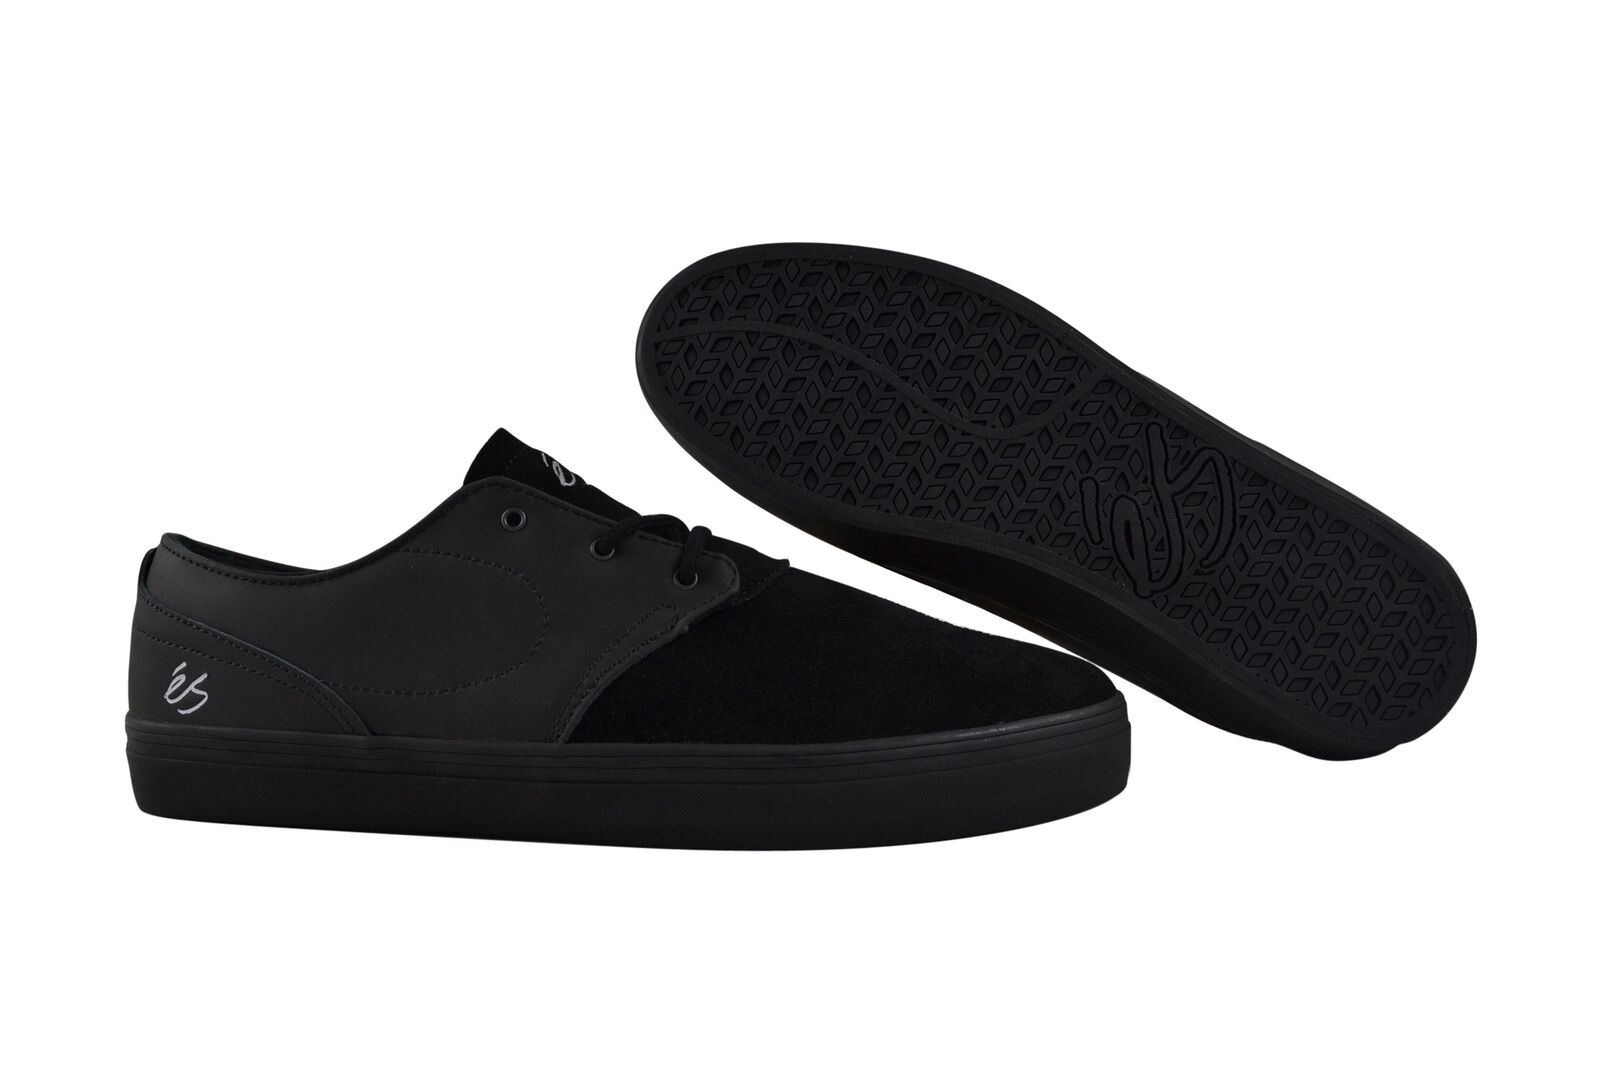 Billig hohe Qualität eS Accent black Sneaker/Schuhe schwarz